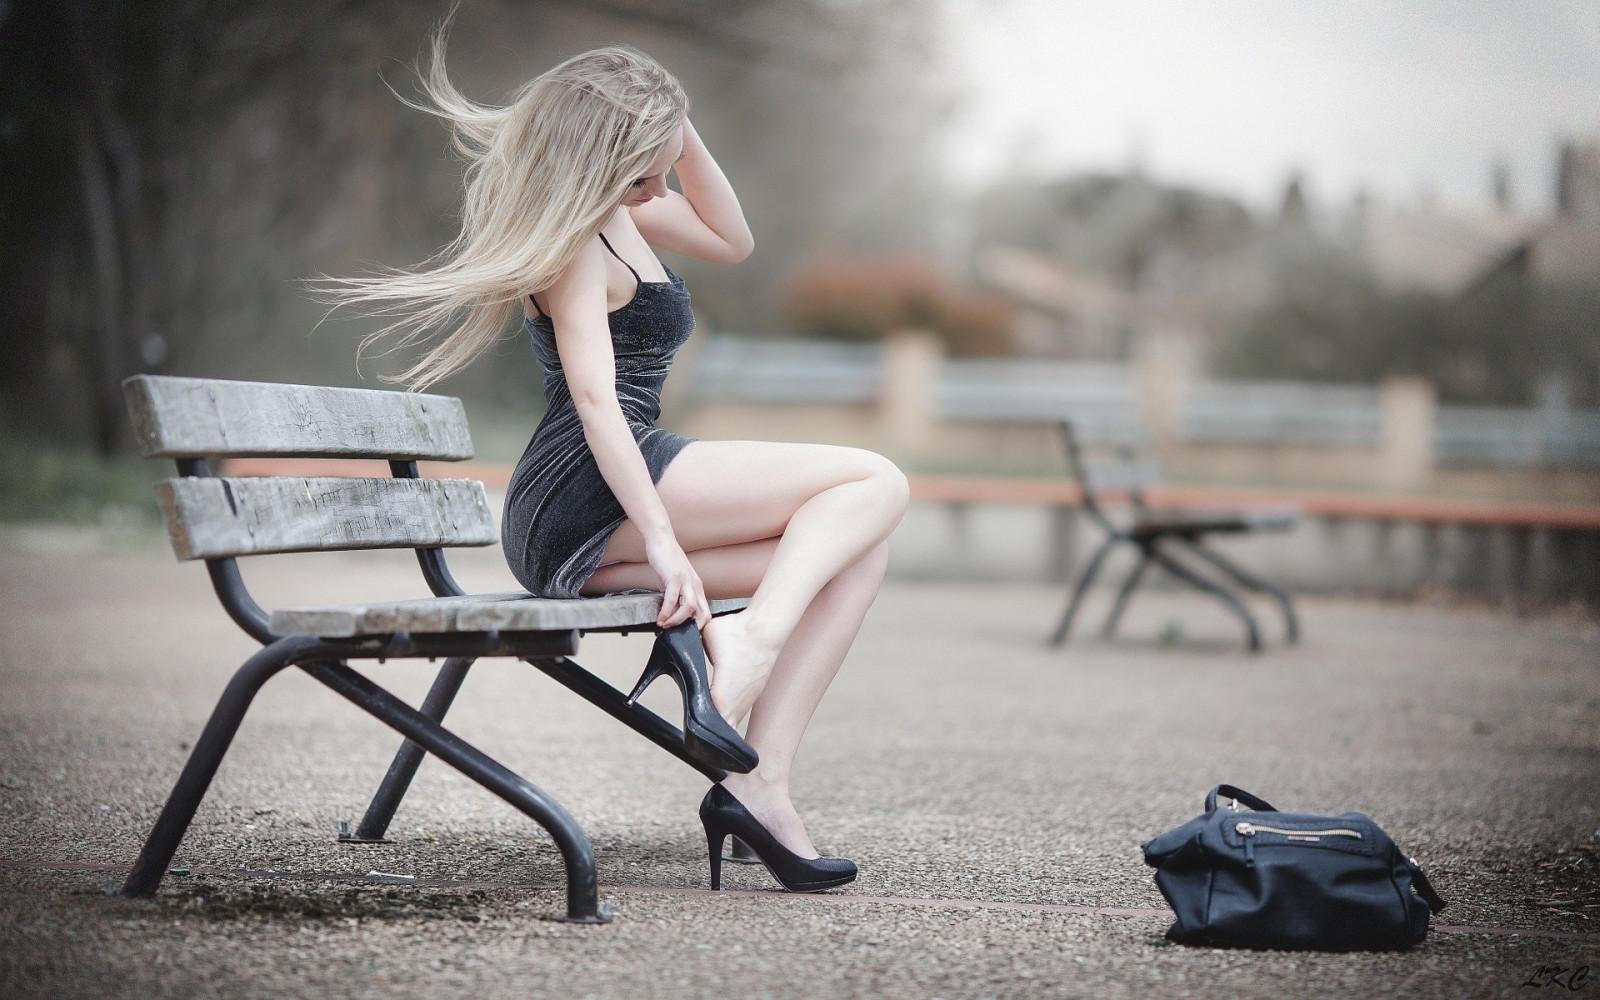 Wallpaper : Laurent Kac, blonde, minidress, women outdoors, upskirt, pale, high heels, bench